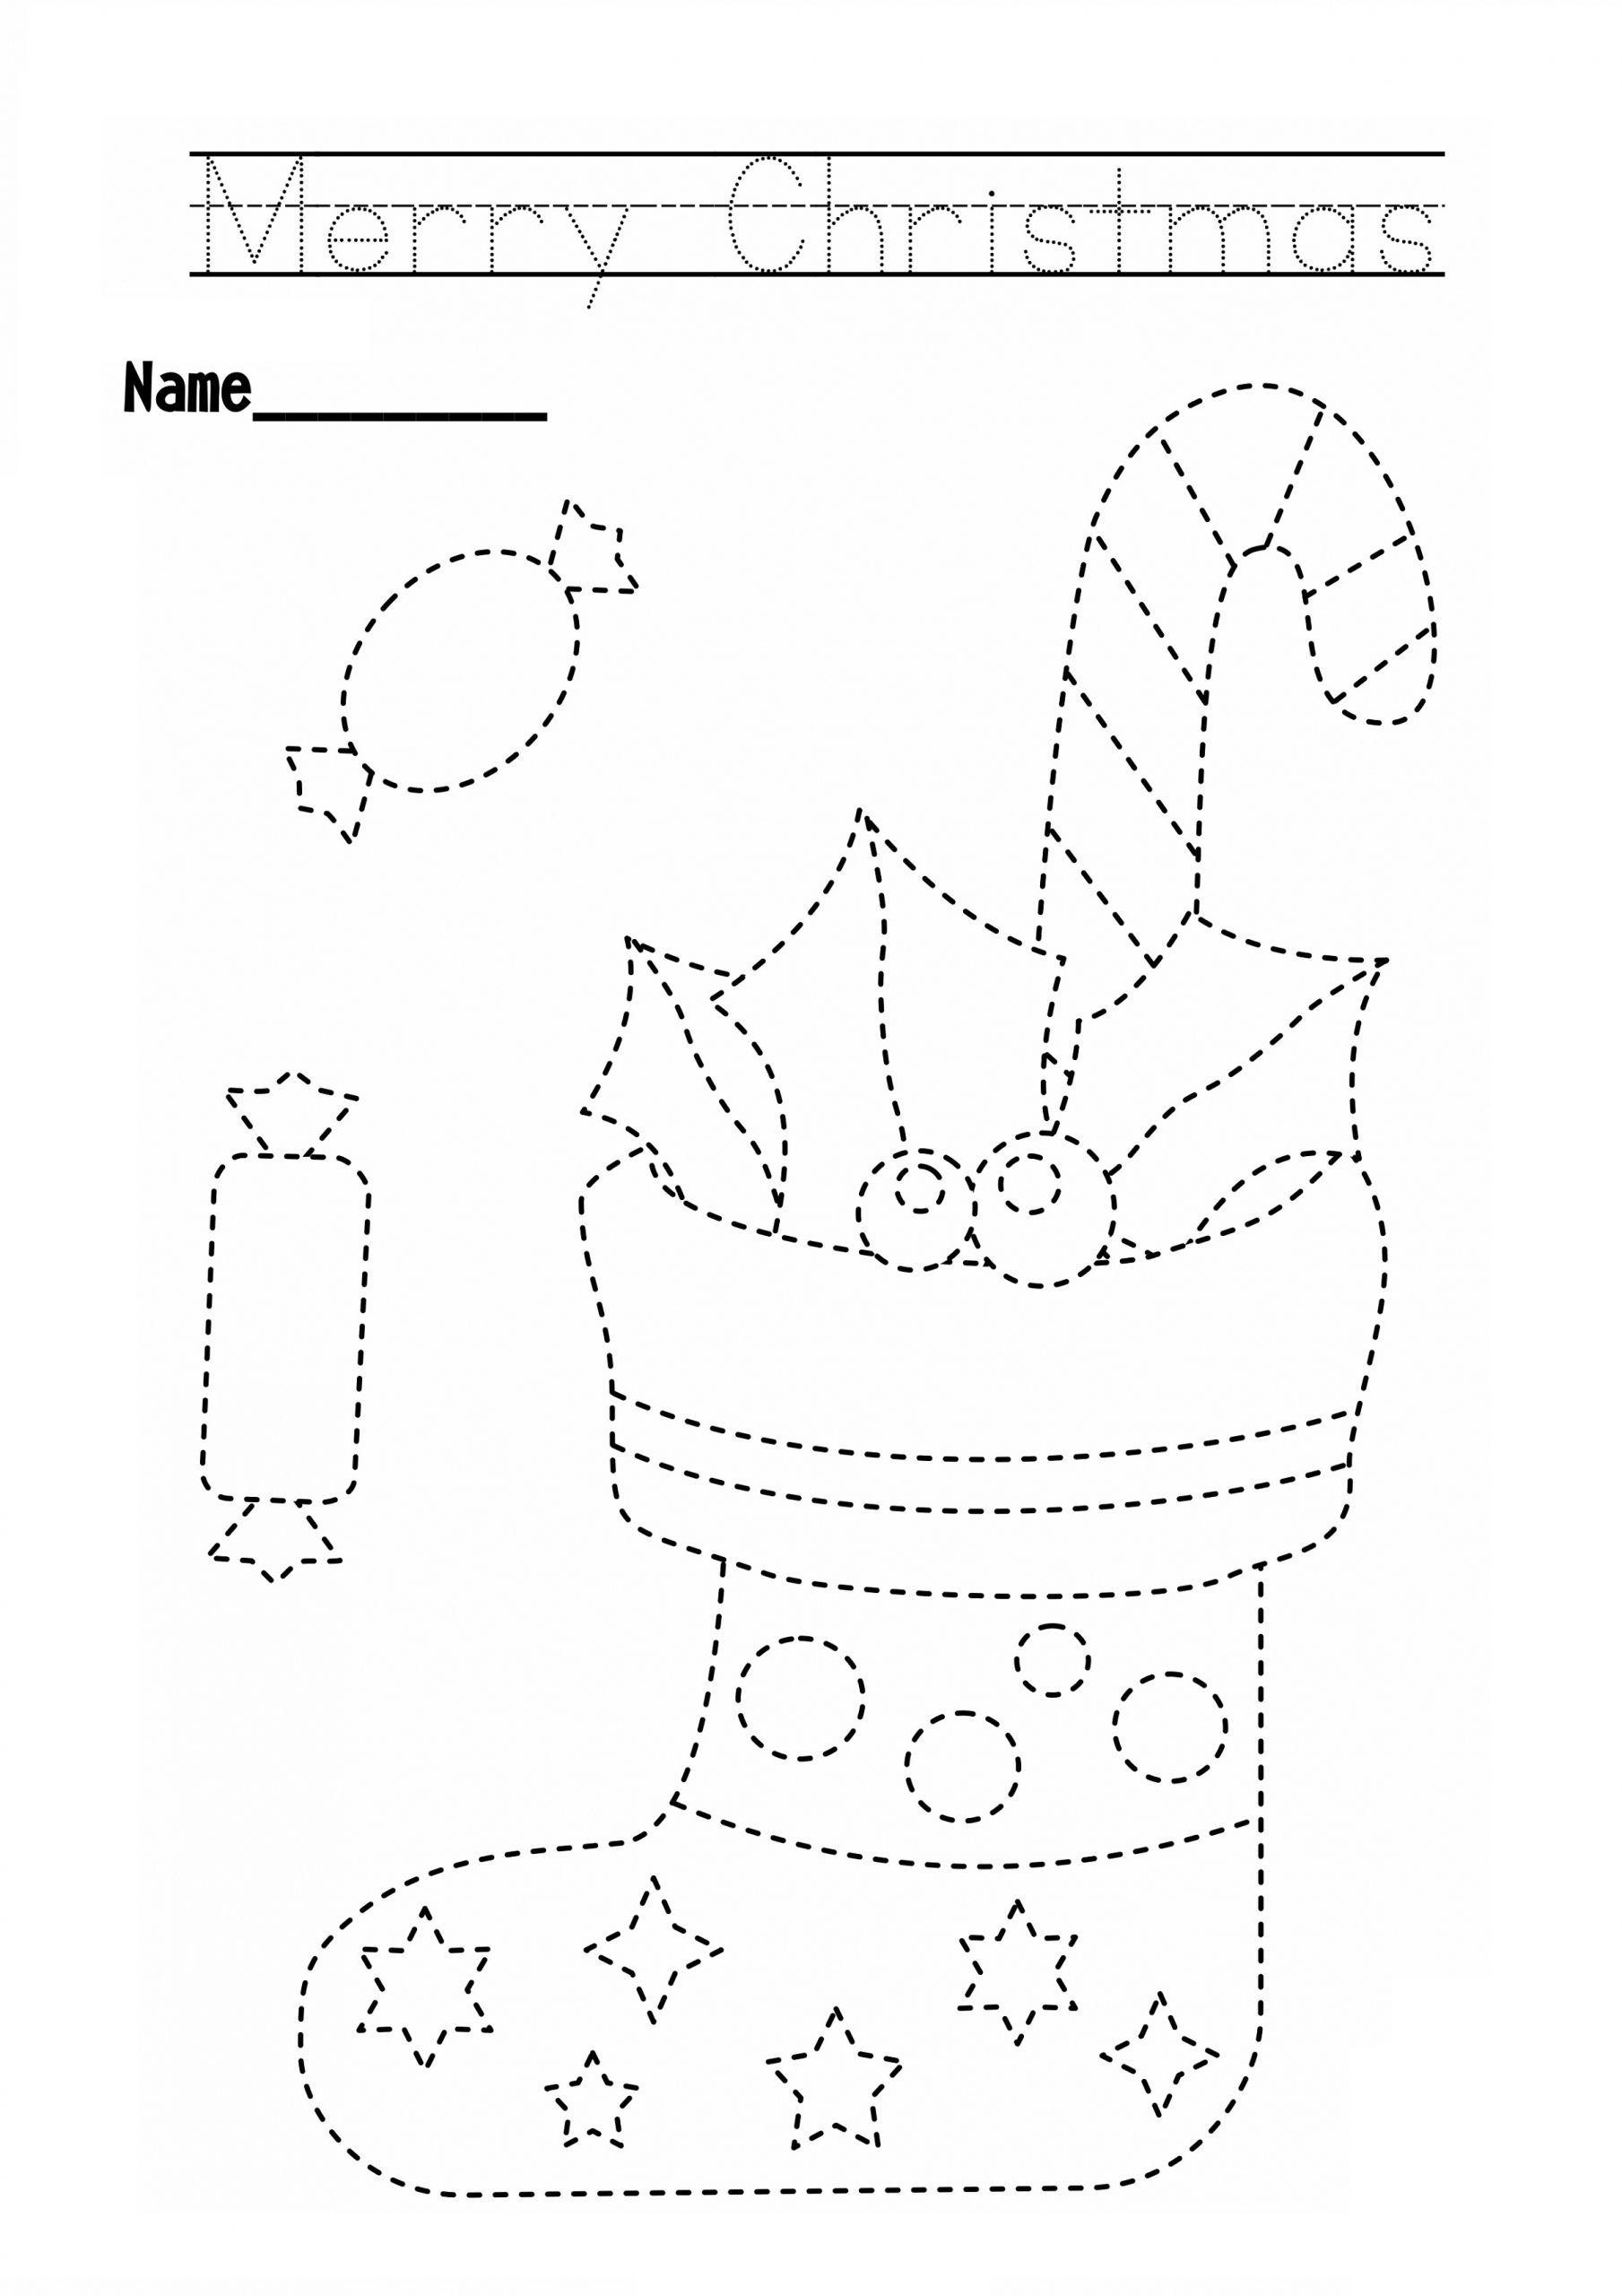 Alphabet Tracing Activities for Preschoolers | 101 Activity